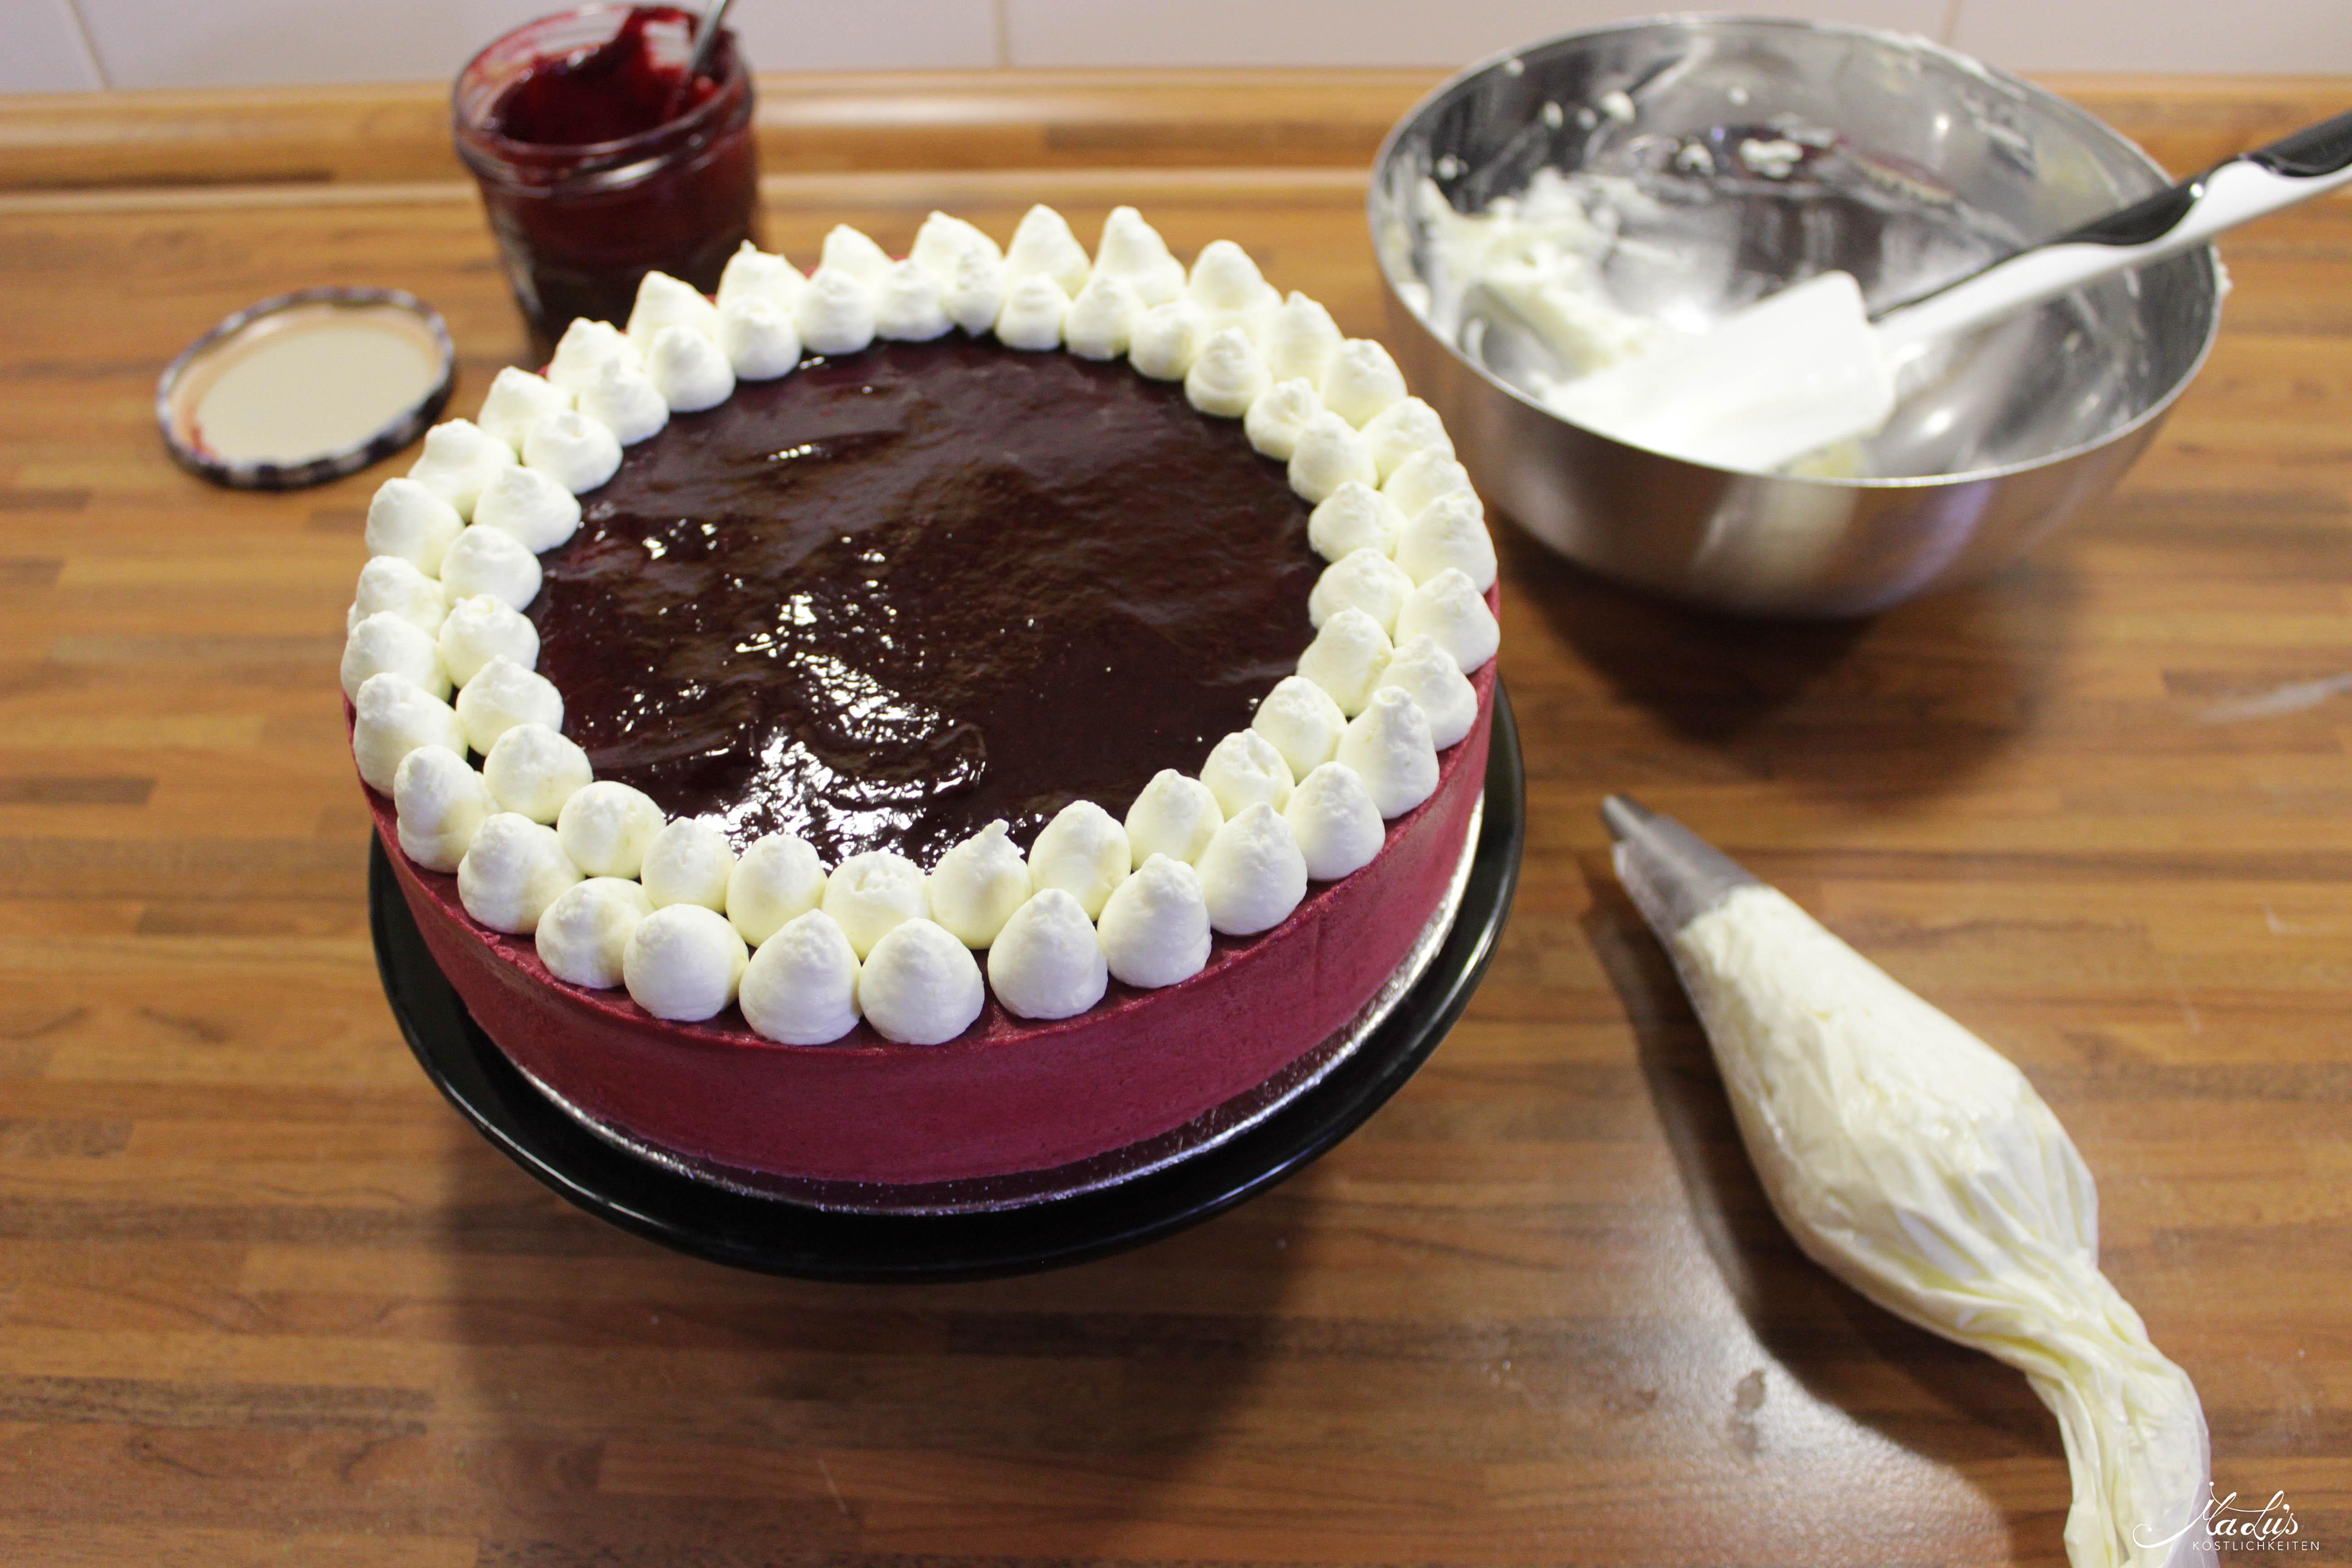 Johannisbeer-Mascarpone Torte Deko2